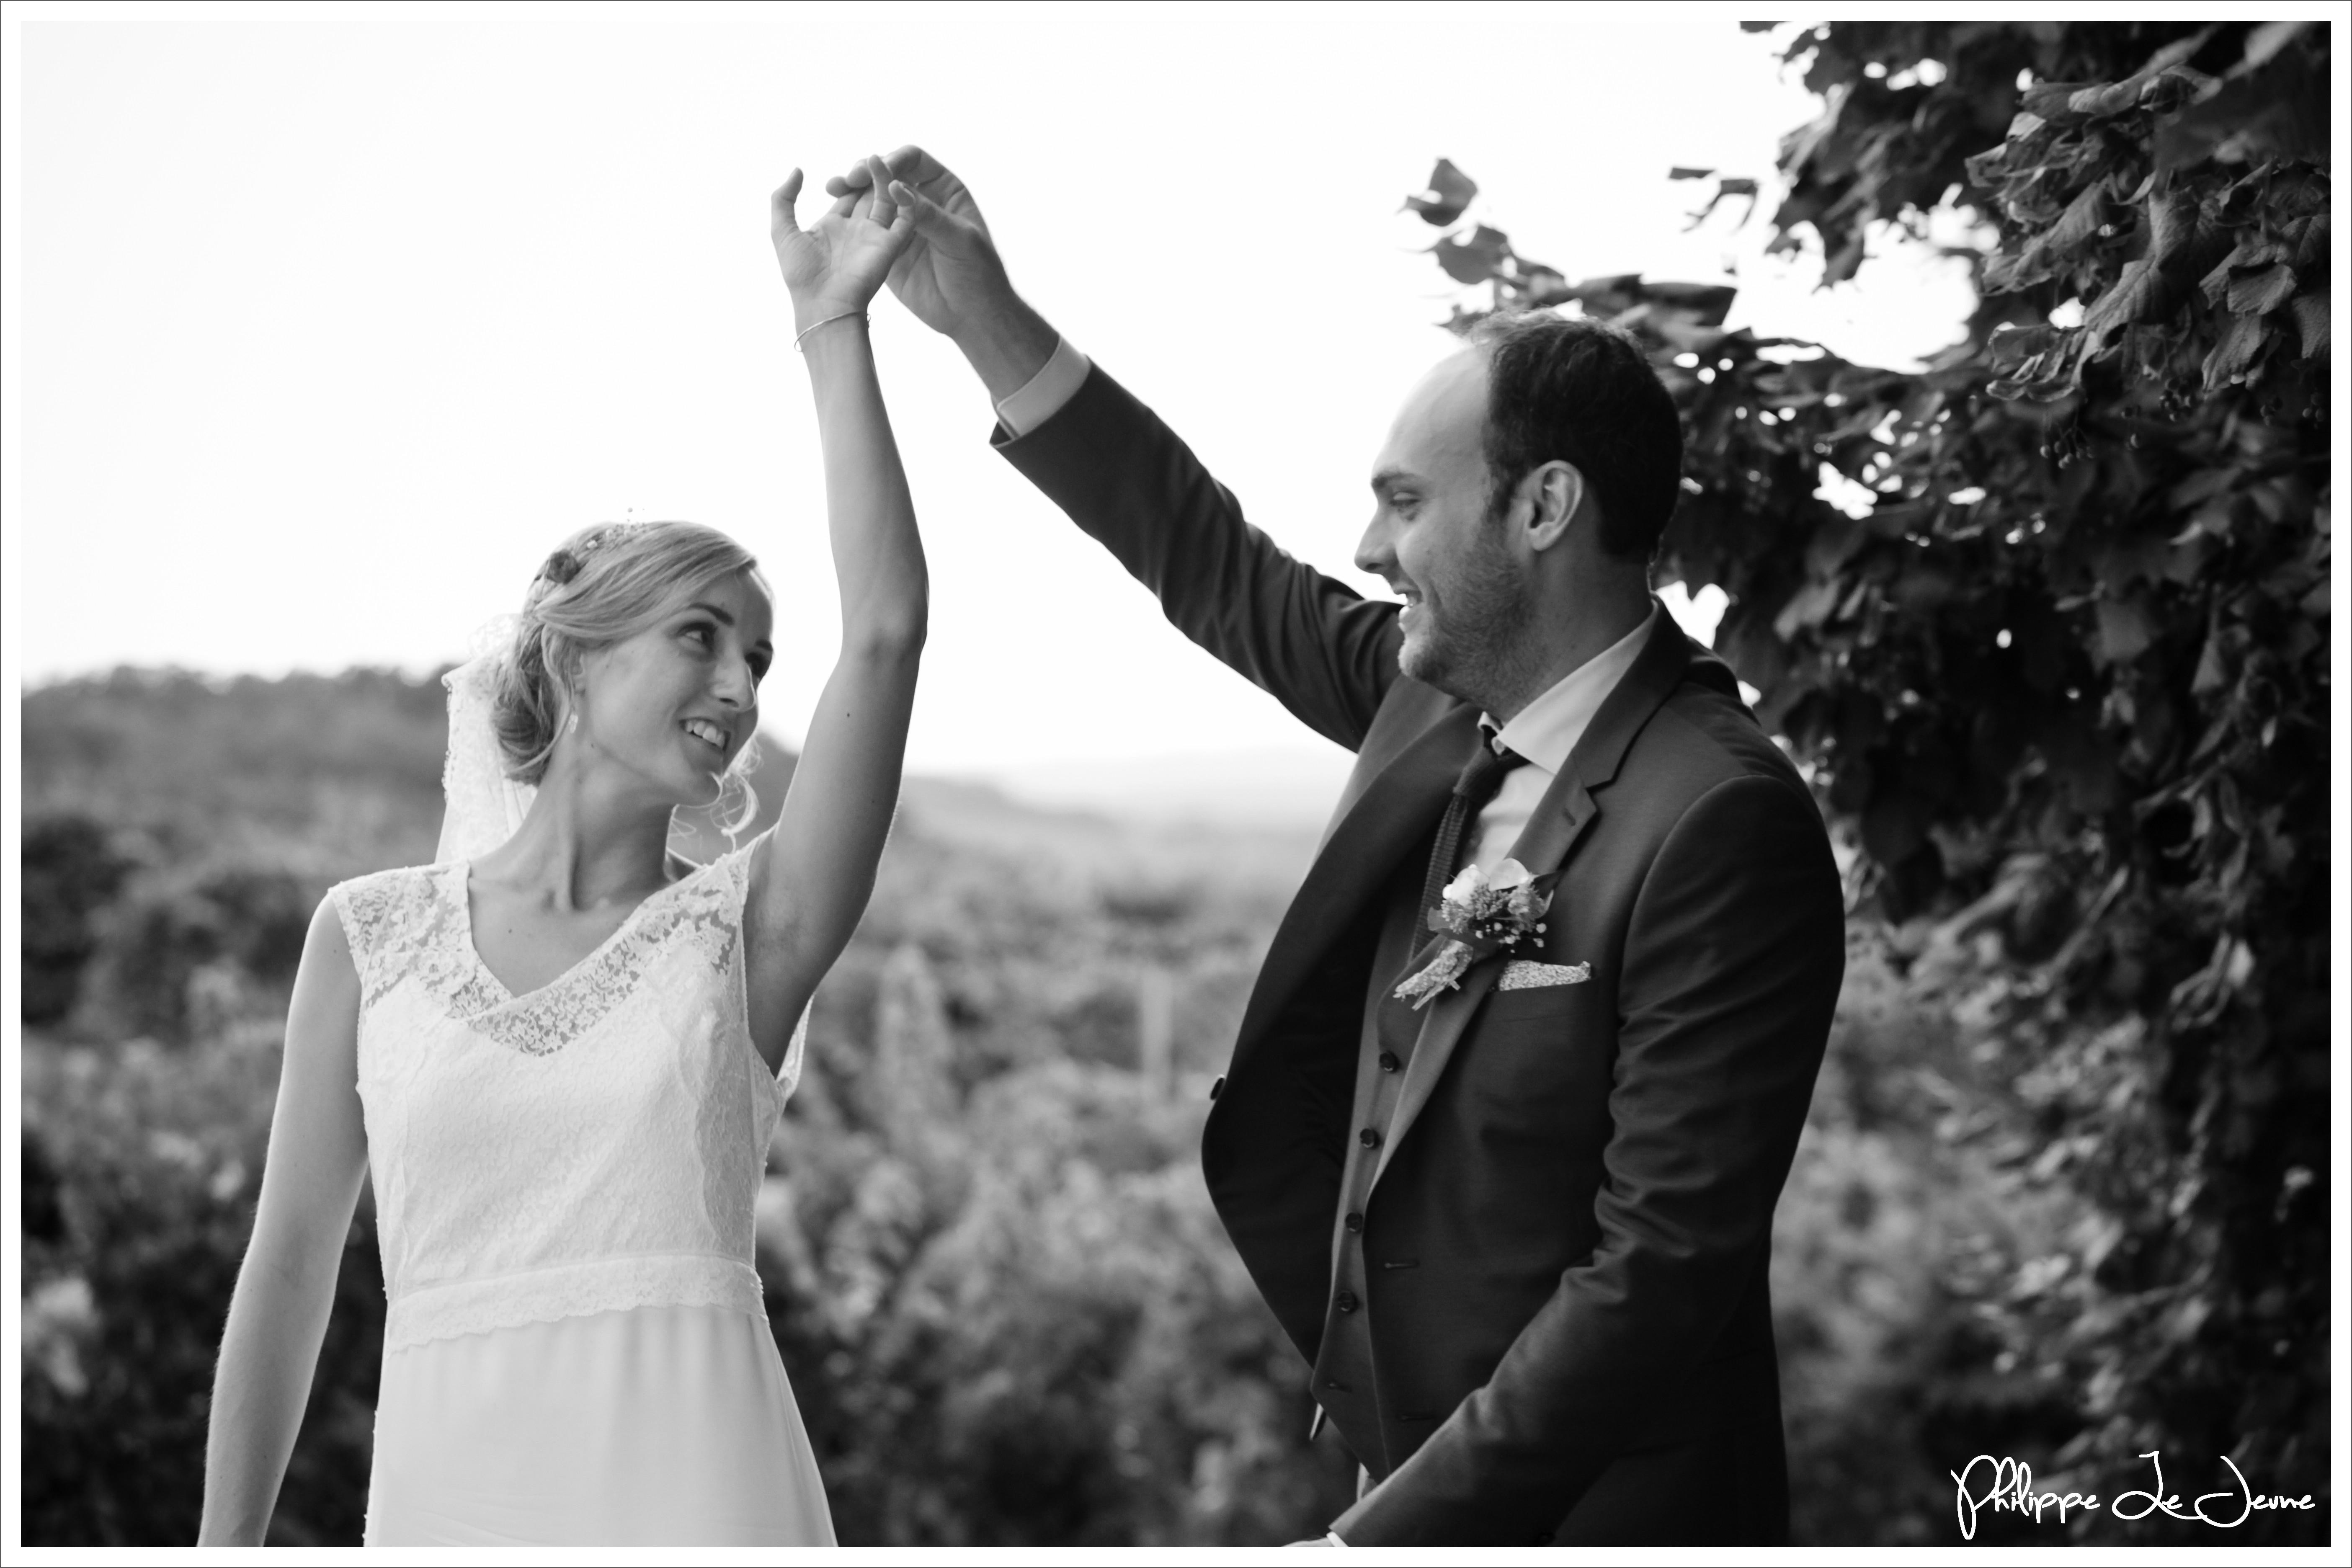 Mon mariage de fin d'été : le vin d'honneur, du jazz et des photos